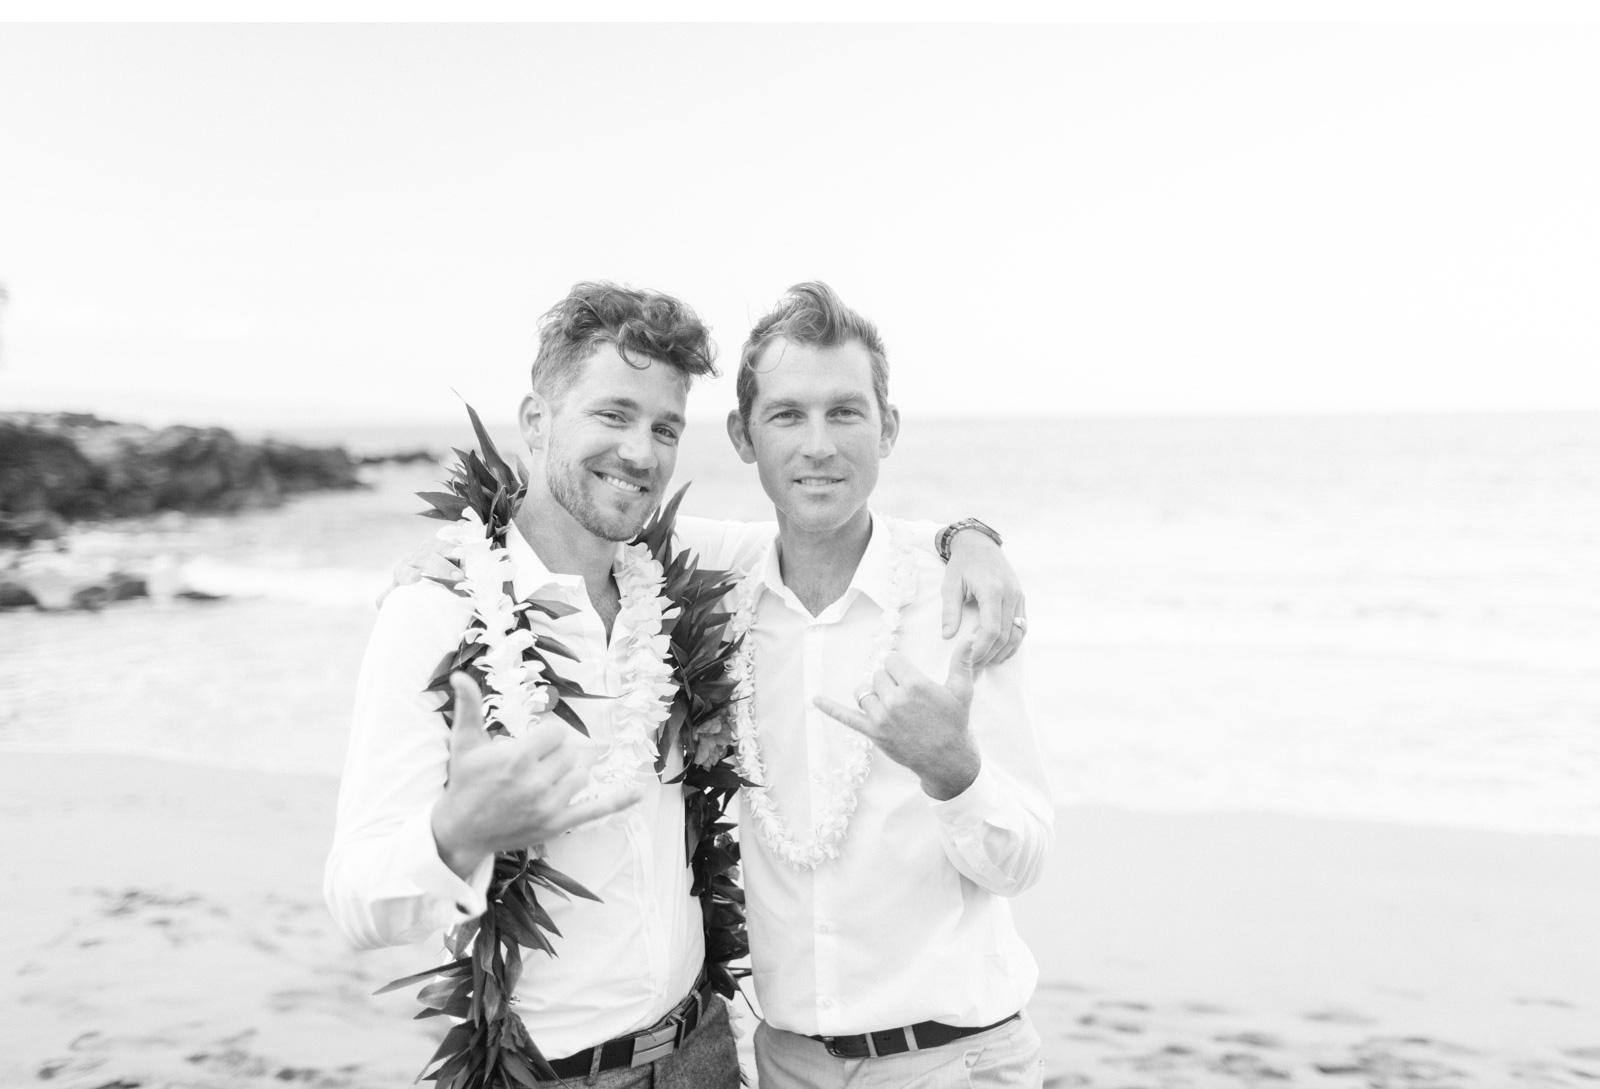 Natalie-Schutt-Photography--Destination-Wedding-Photographer_03.jpg